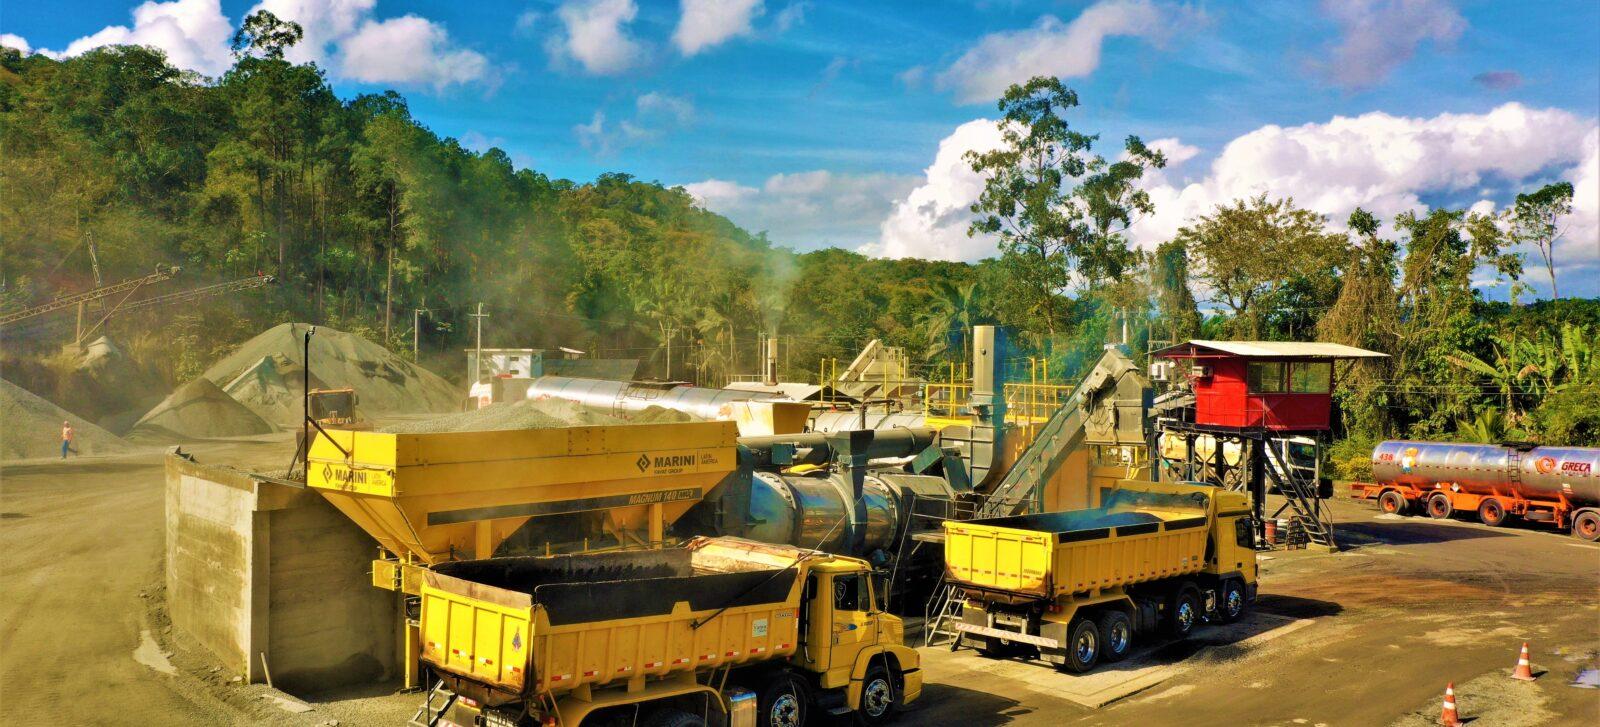 Planta de MARINI Latin America en funcionamiento en el estado de Santa Catarina